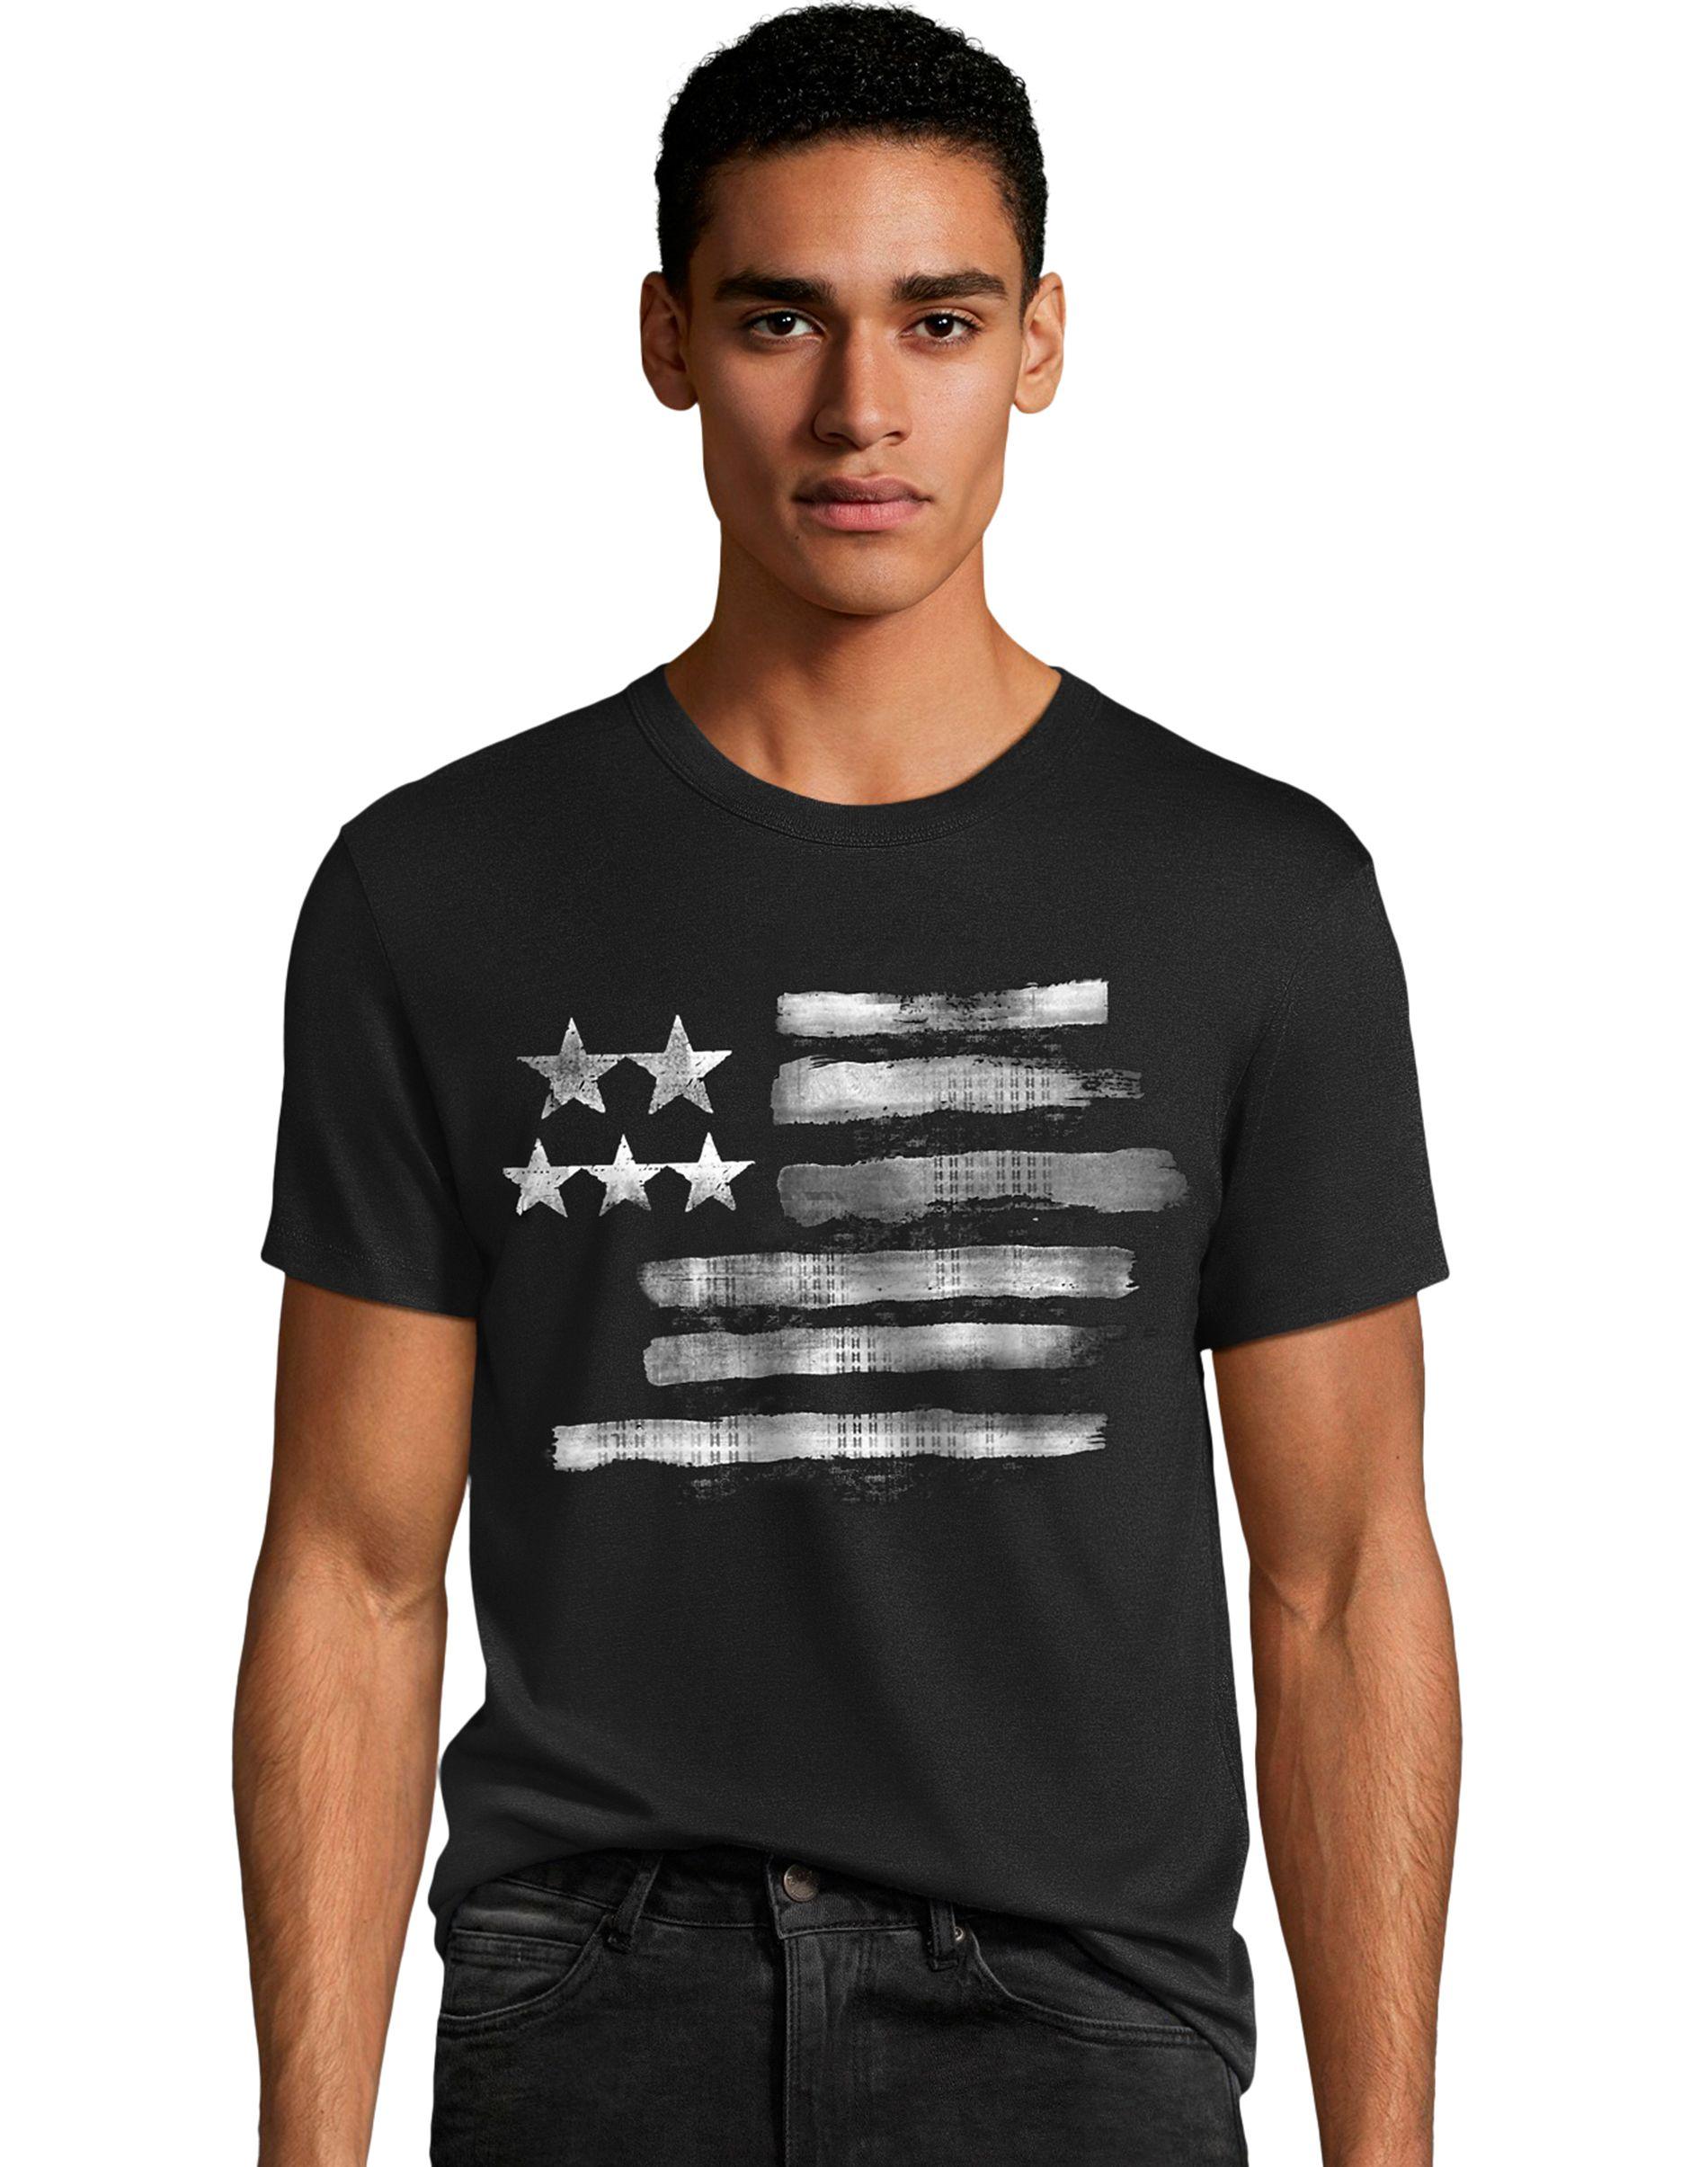 Men's Black & White Flag Graphic Tee men Hanes